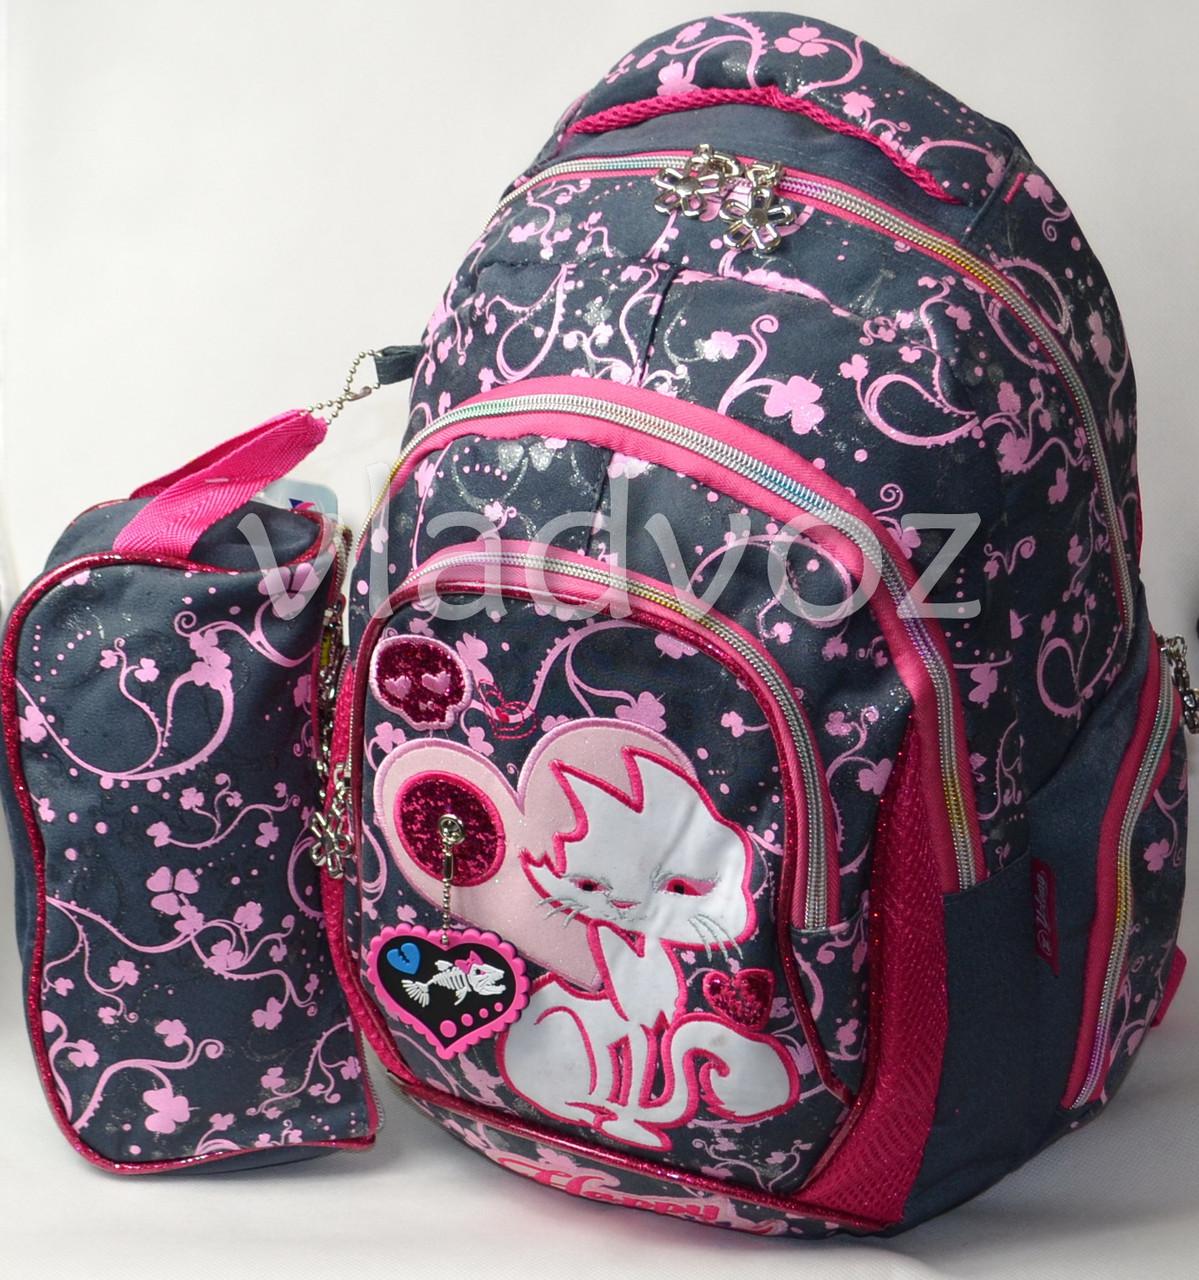 1c709db66a81 Школьный рюкзак для девочки с пеналом кот серый с розовым - интернет  магазин vladvoz.in